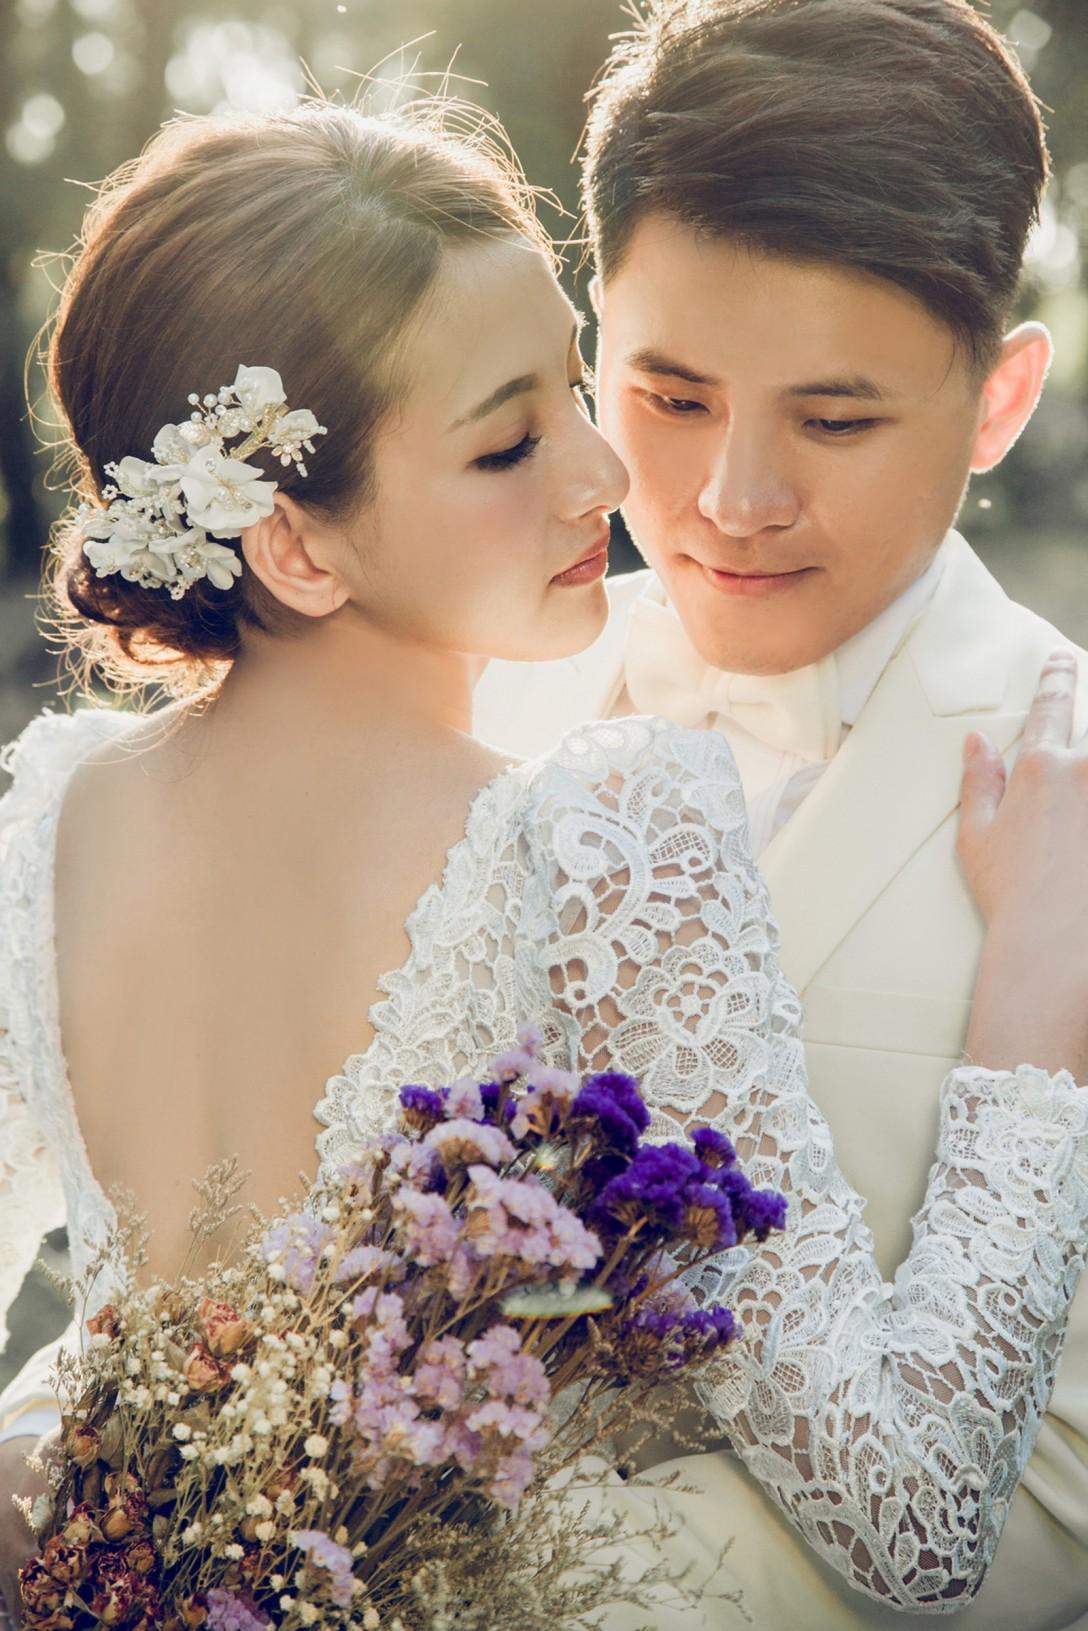 自助婚紗,自助婚紗推薦,自助婚紗風格,婚紗照,e7b693e585b8e99f93e9a2a825